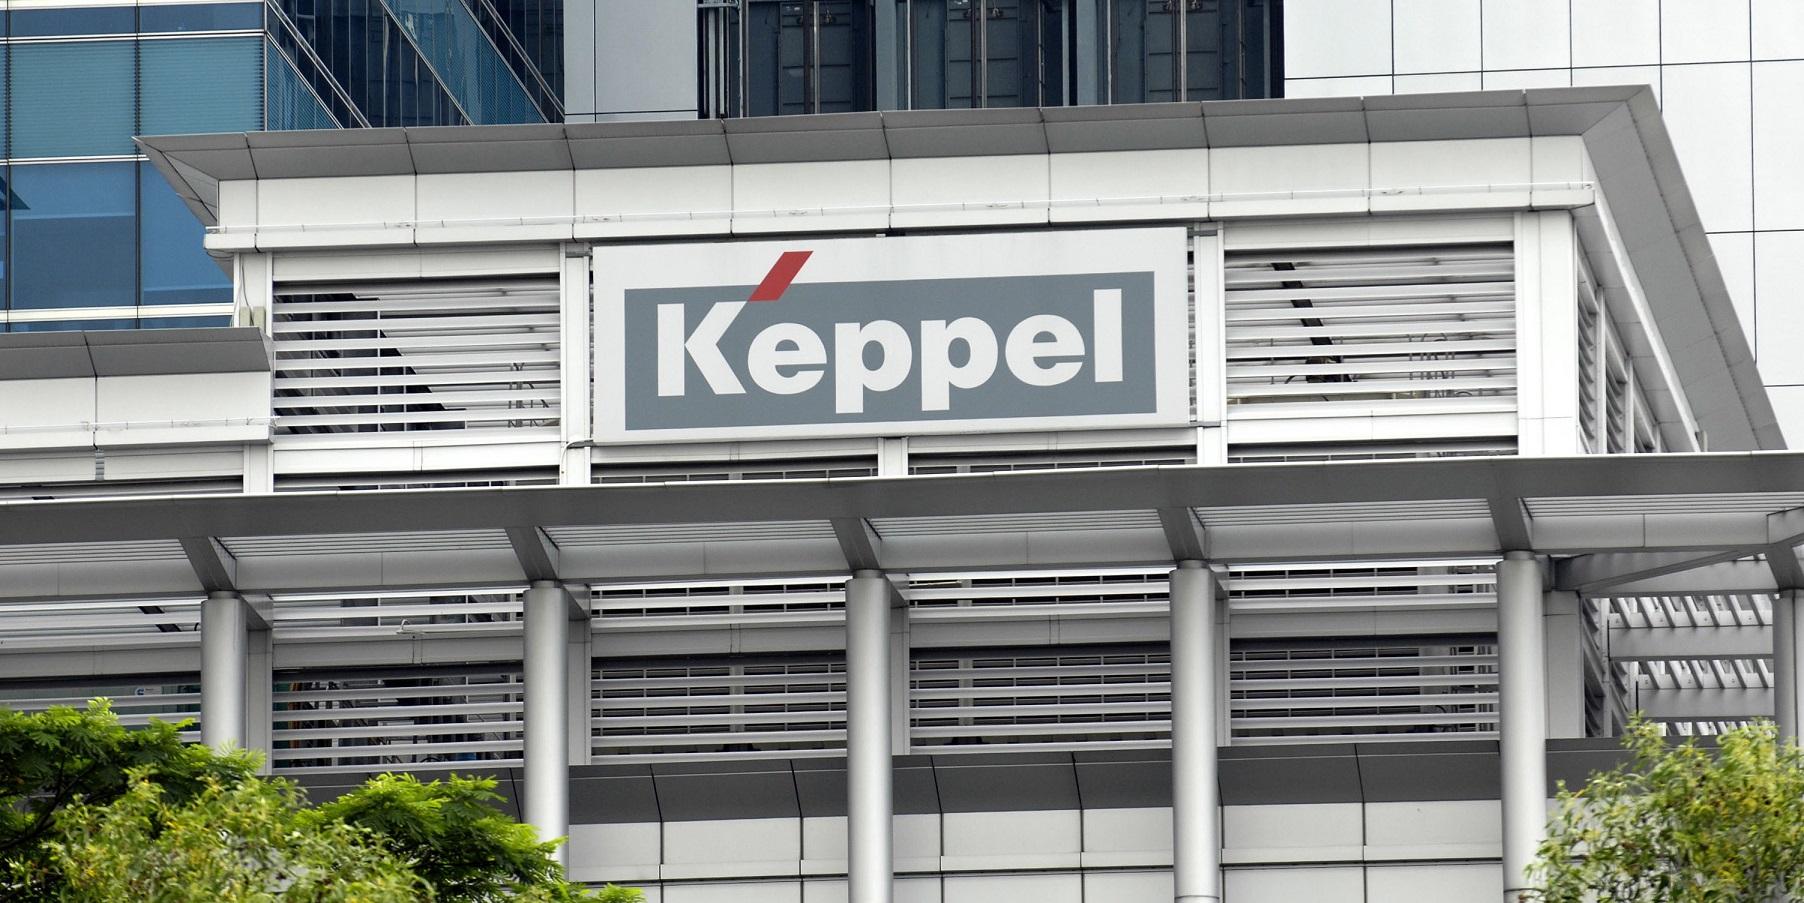 Keppel Corp Logo